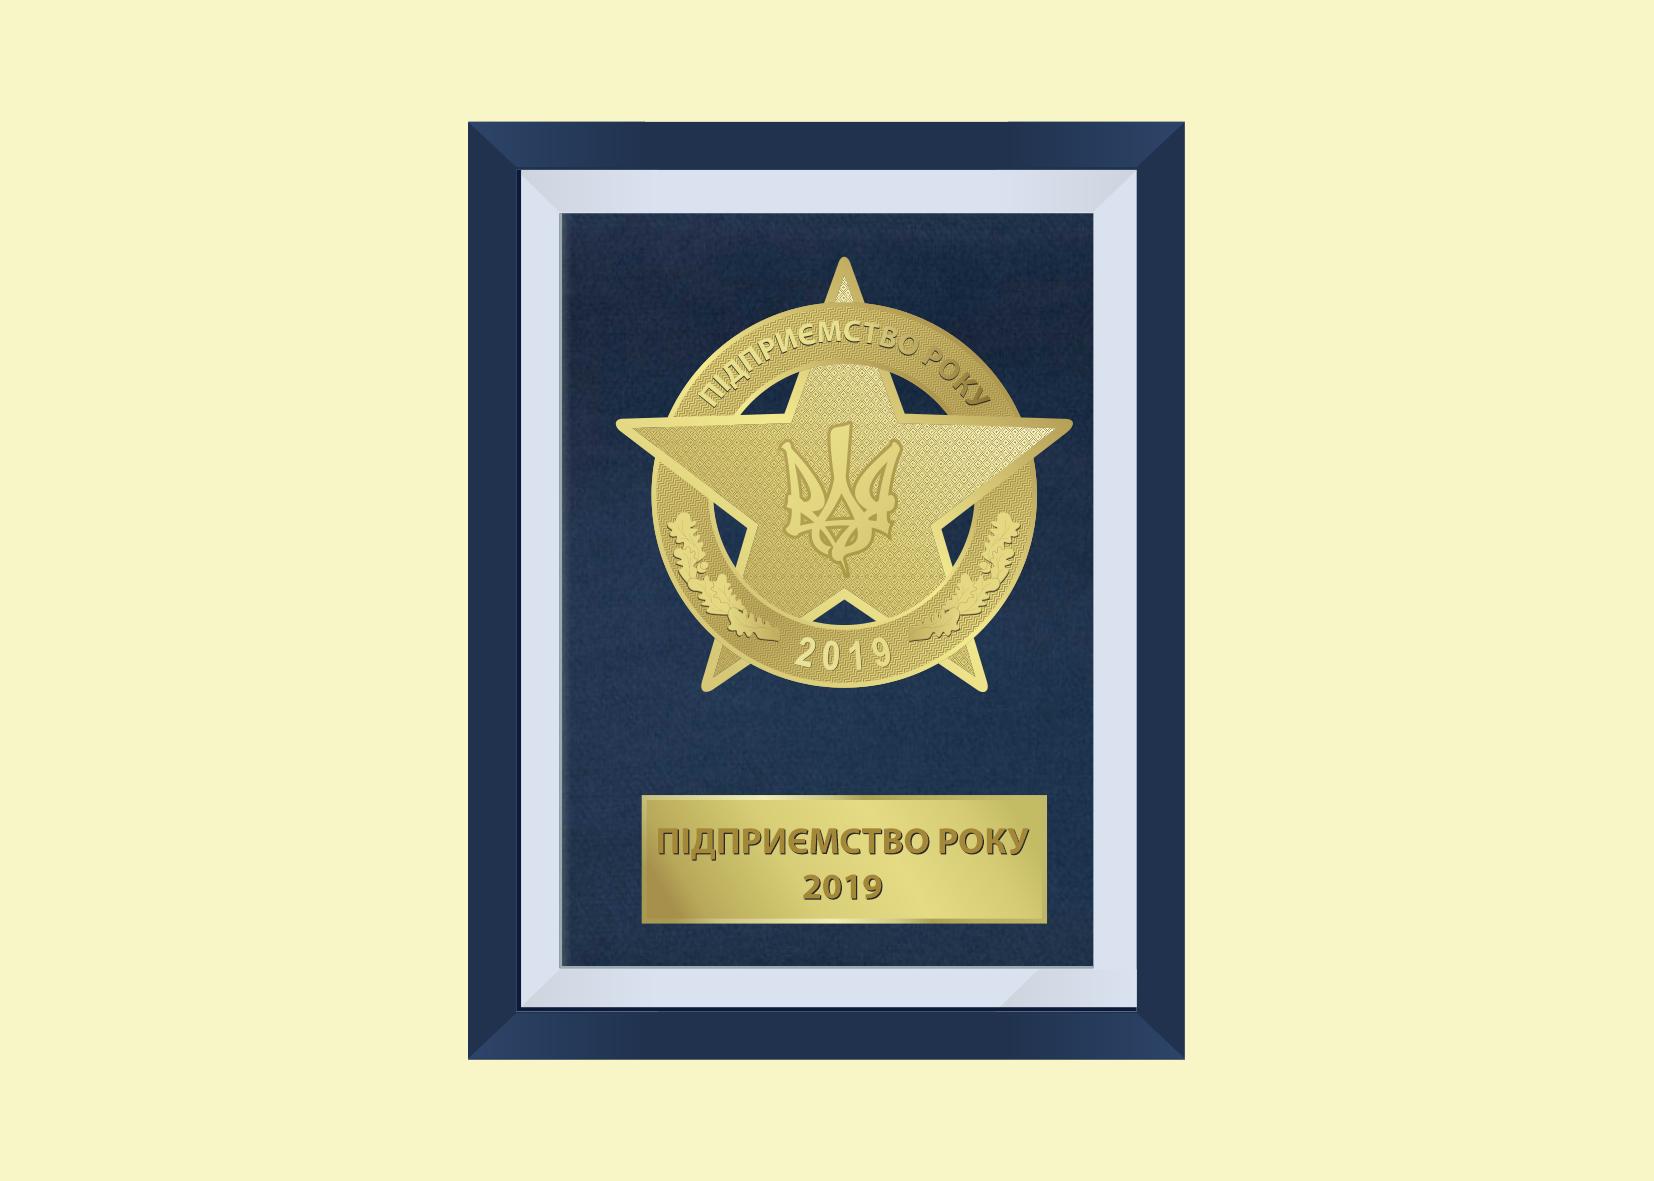 Новий сезон «Рейтинги 2019» — новий дизайн Статус-нагороди «Підприємство року»